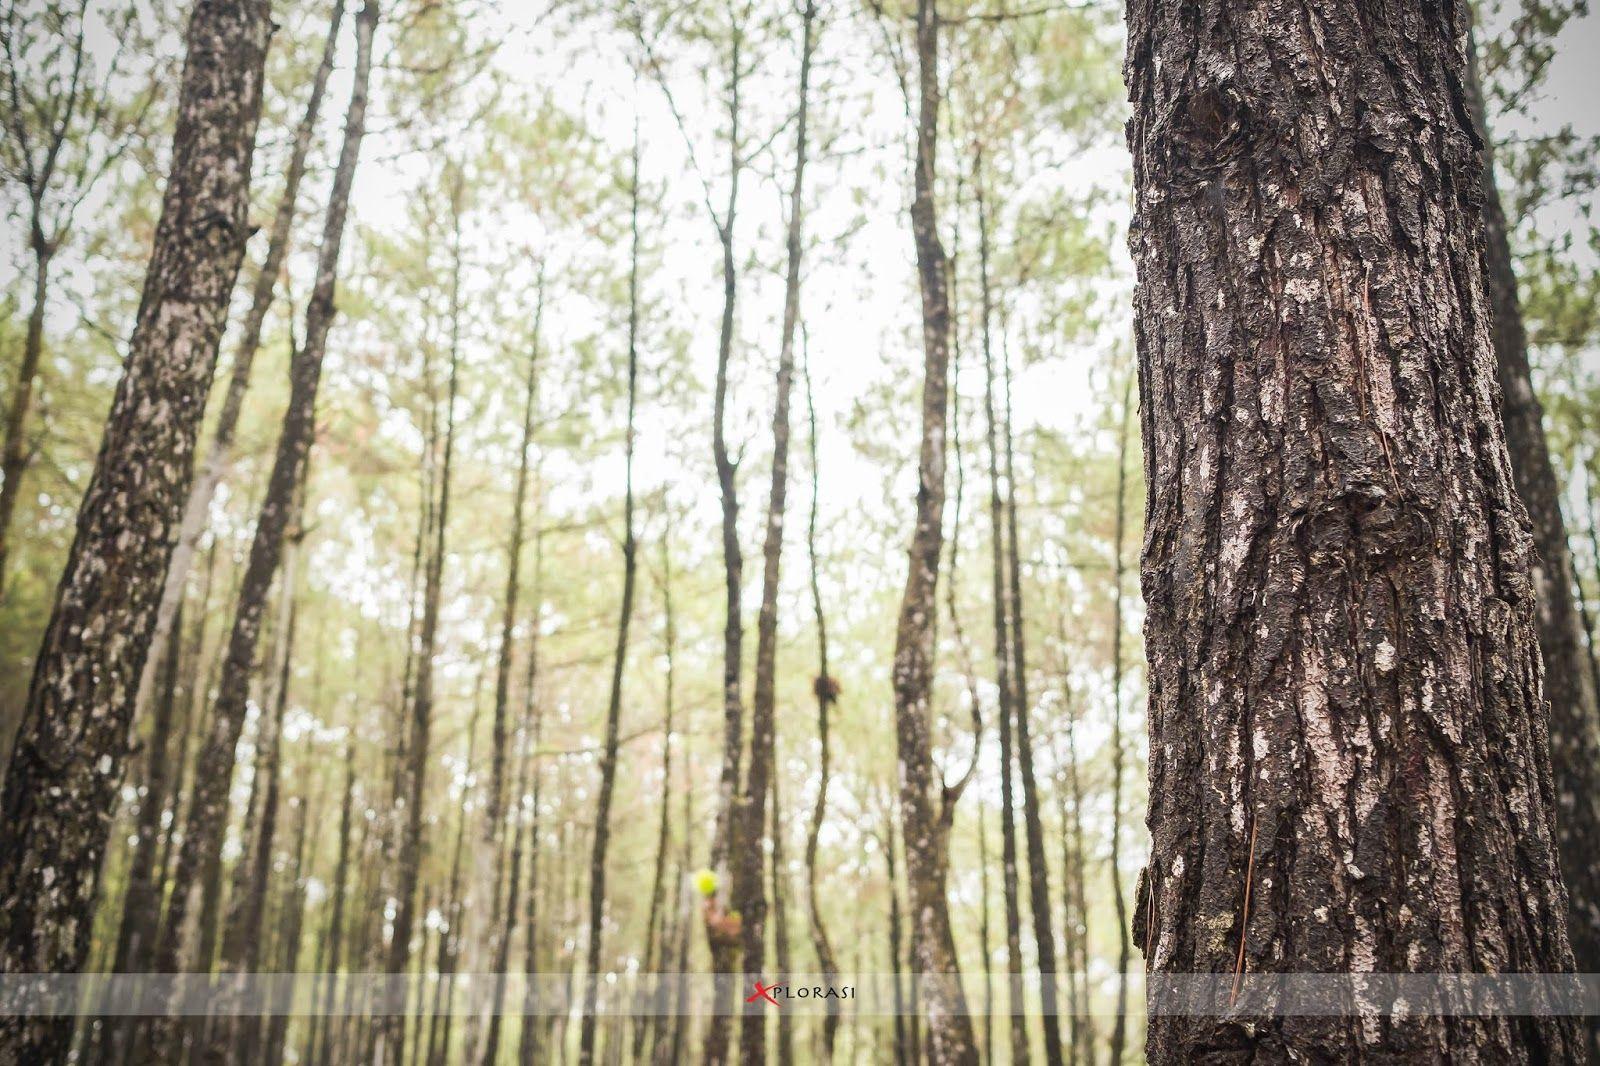 Xplorasi Menikmati Eksotisme Hutan Pinus Di Puncak Becici Pohon Pemandangan Hutan